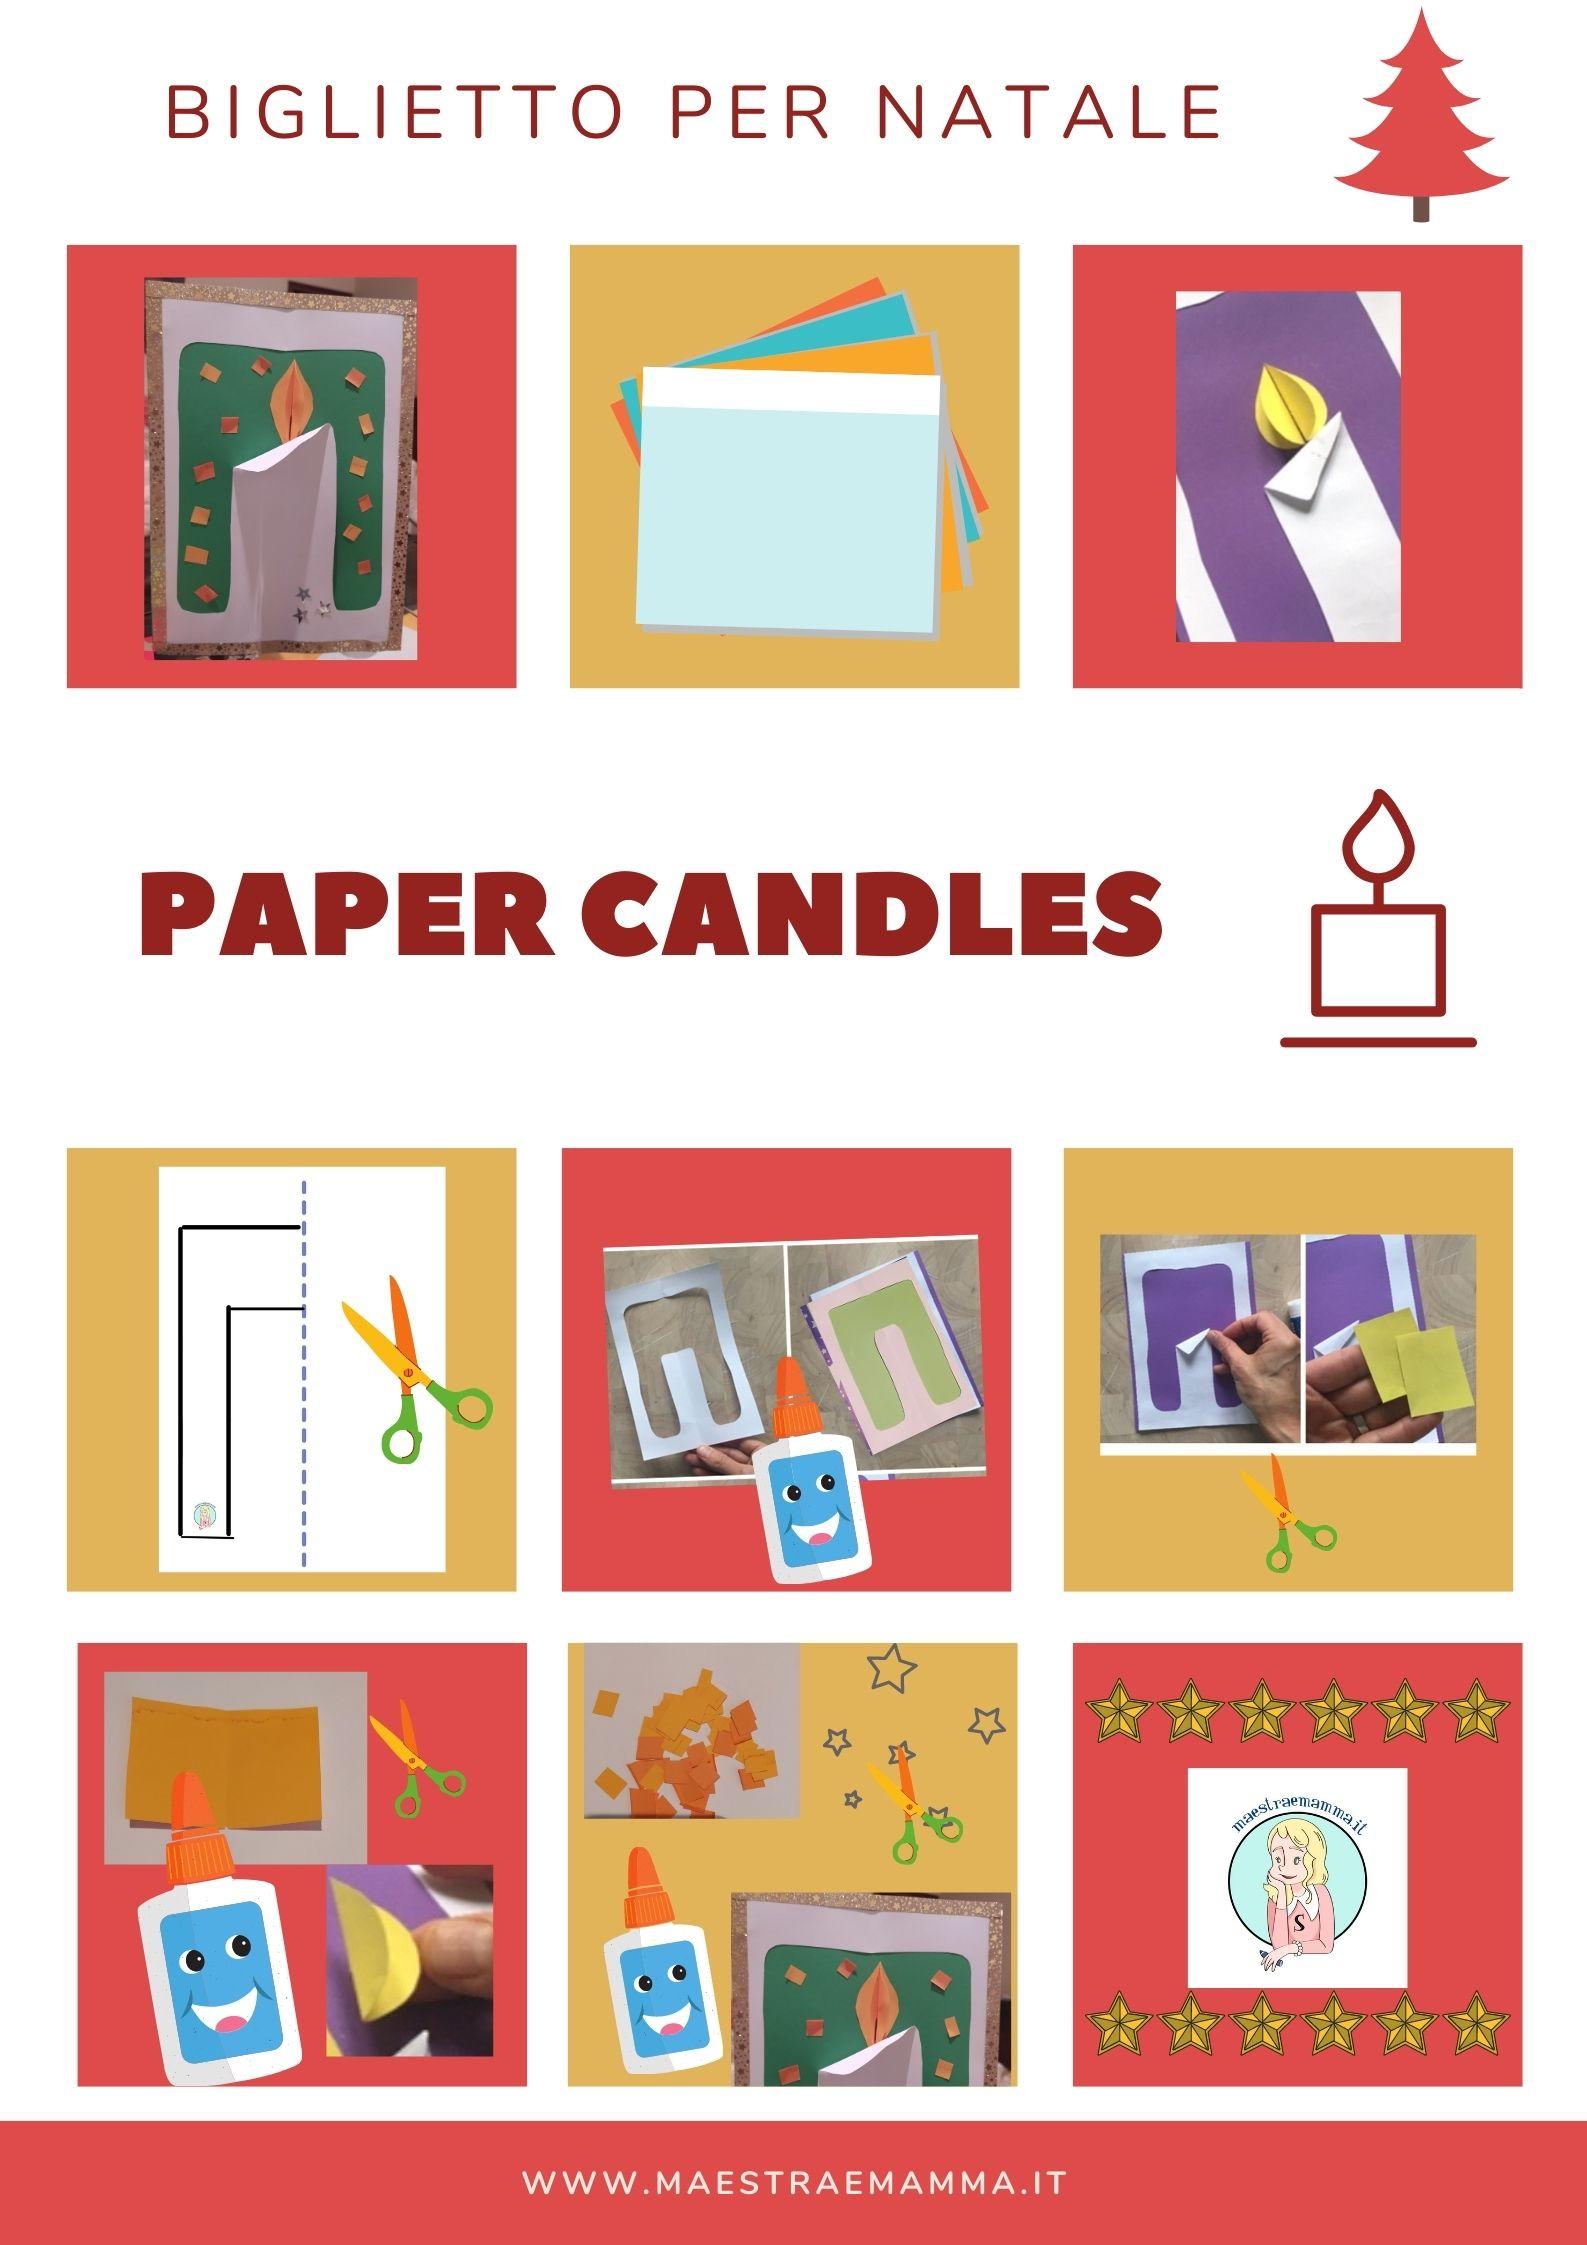 PAPER CANDLES biglietto bigliettino fai da te natale candela di carta